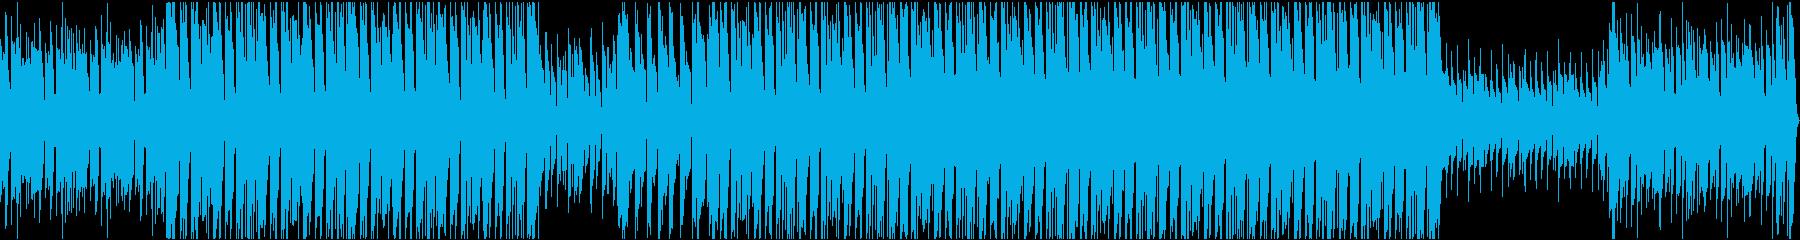 【ループ対応】ゴキゲンでノリノリなSwiの再生済みの波形